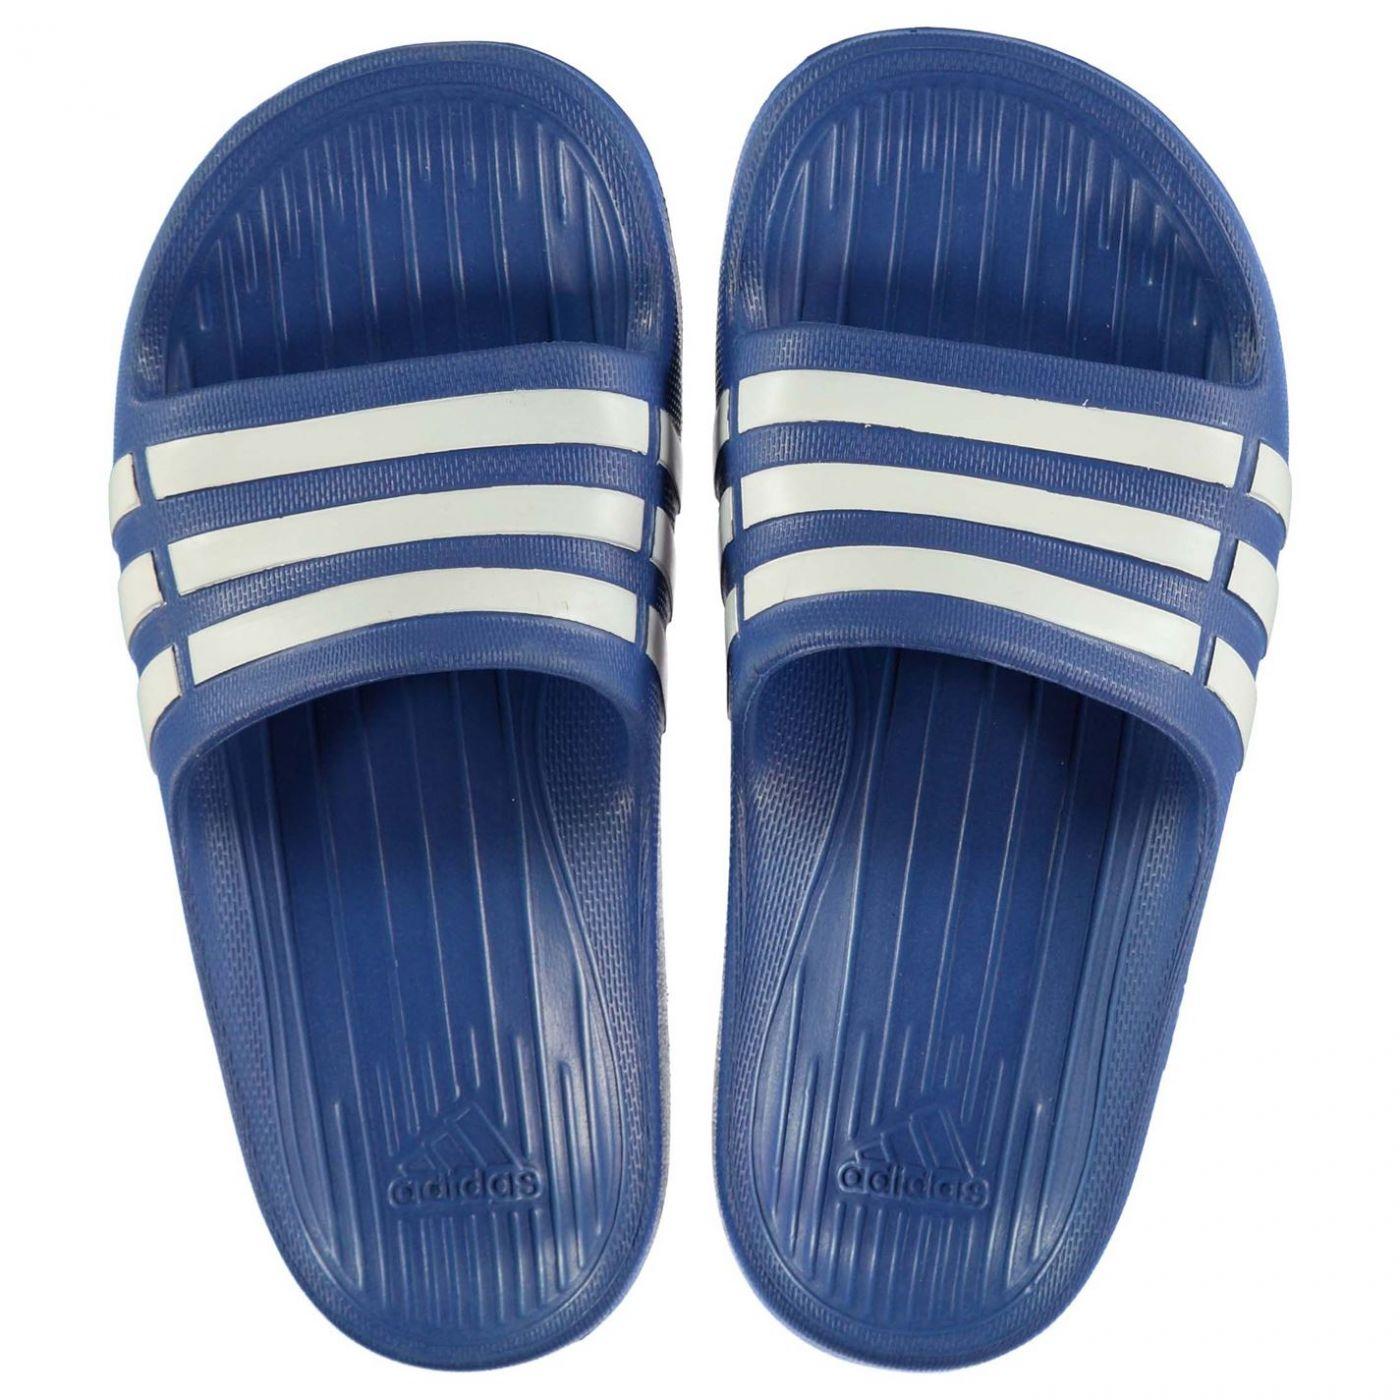 Adidas Duramo Slide Pool Shoes Boys